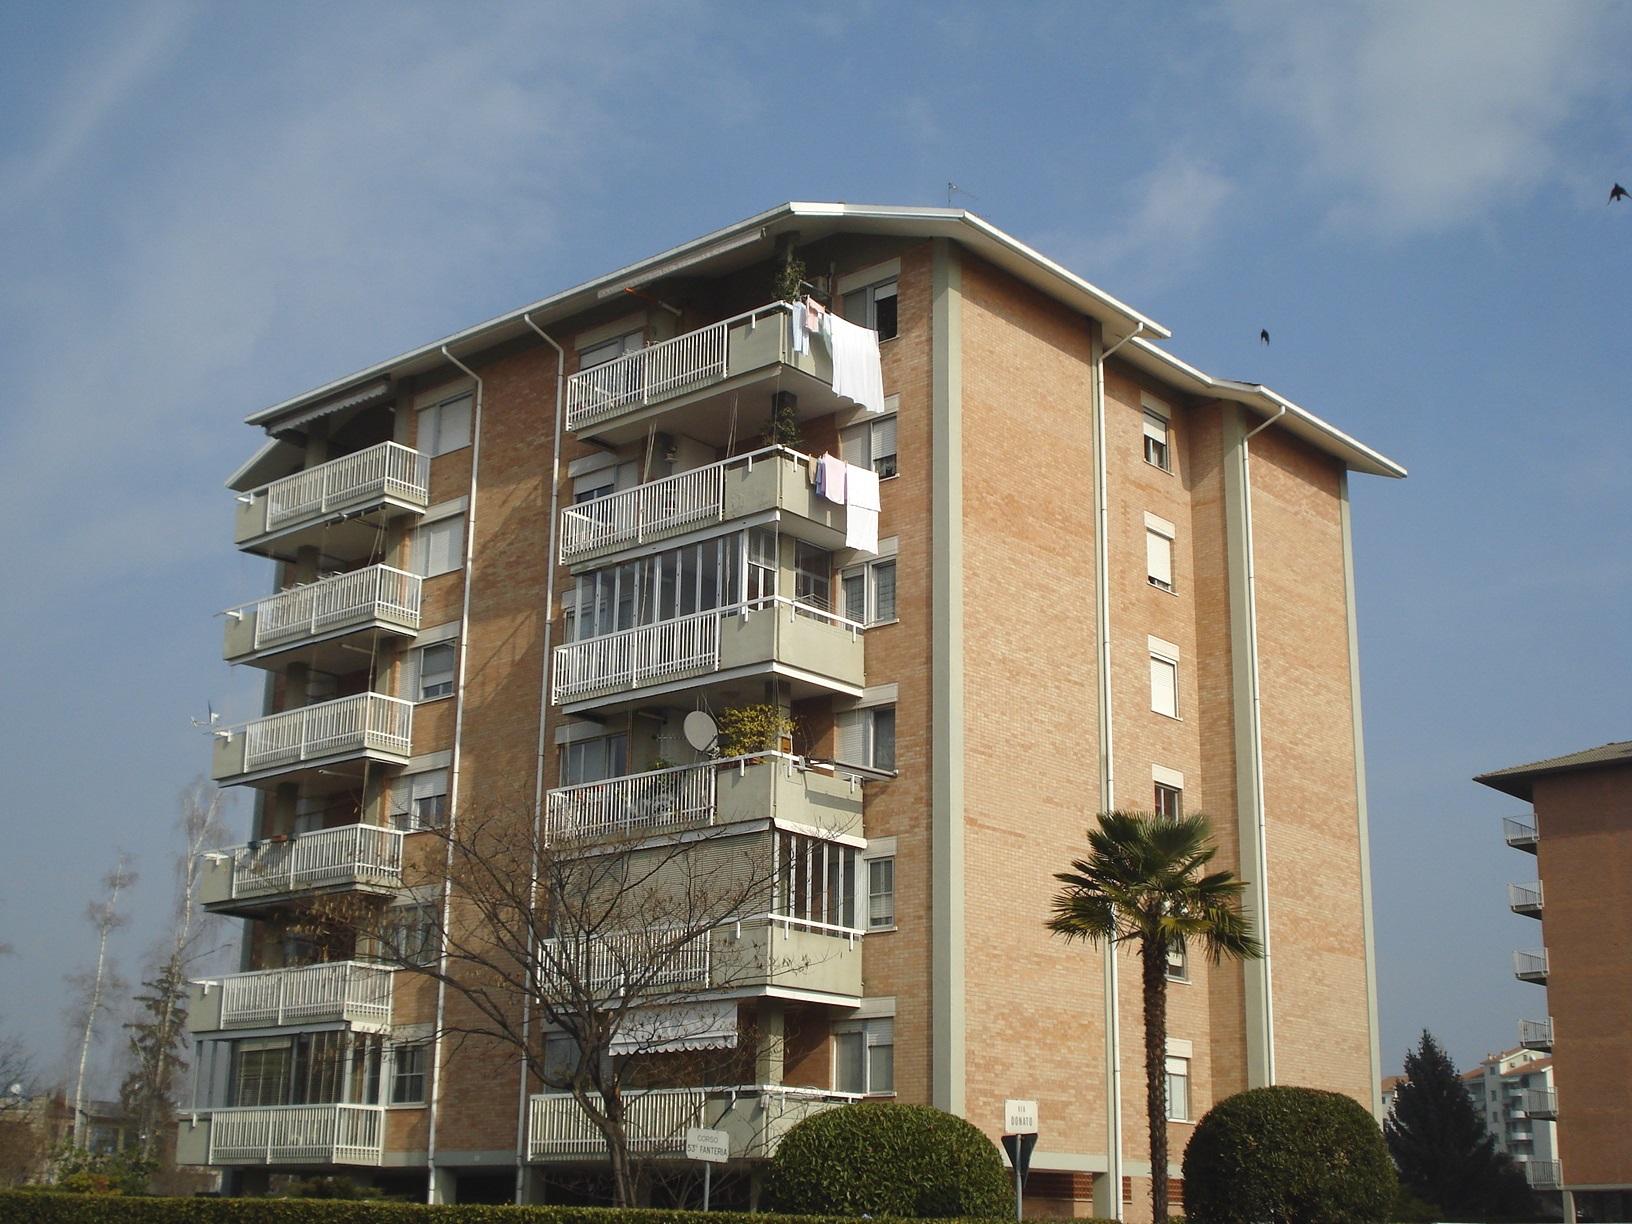 Appartamento in affitto a Biella, 3 locali, zona Zona: Semicentro, prezzo € 350 | Cambio Casa.it